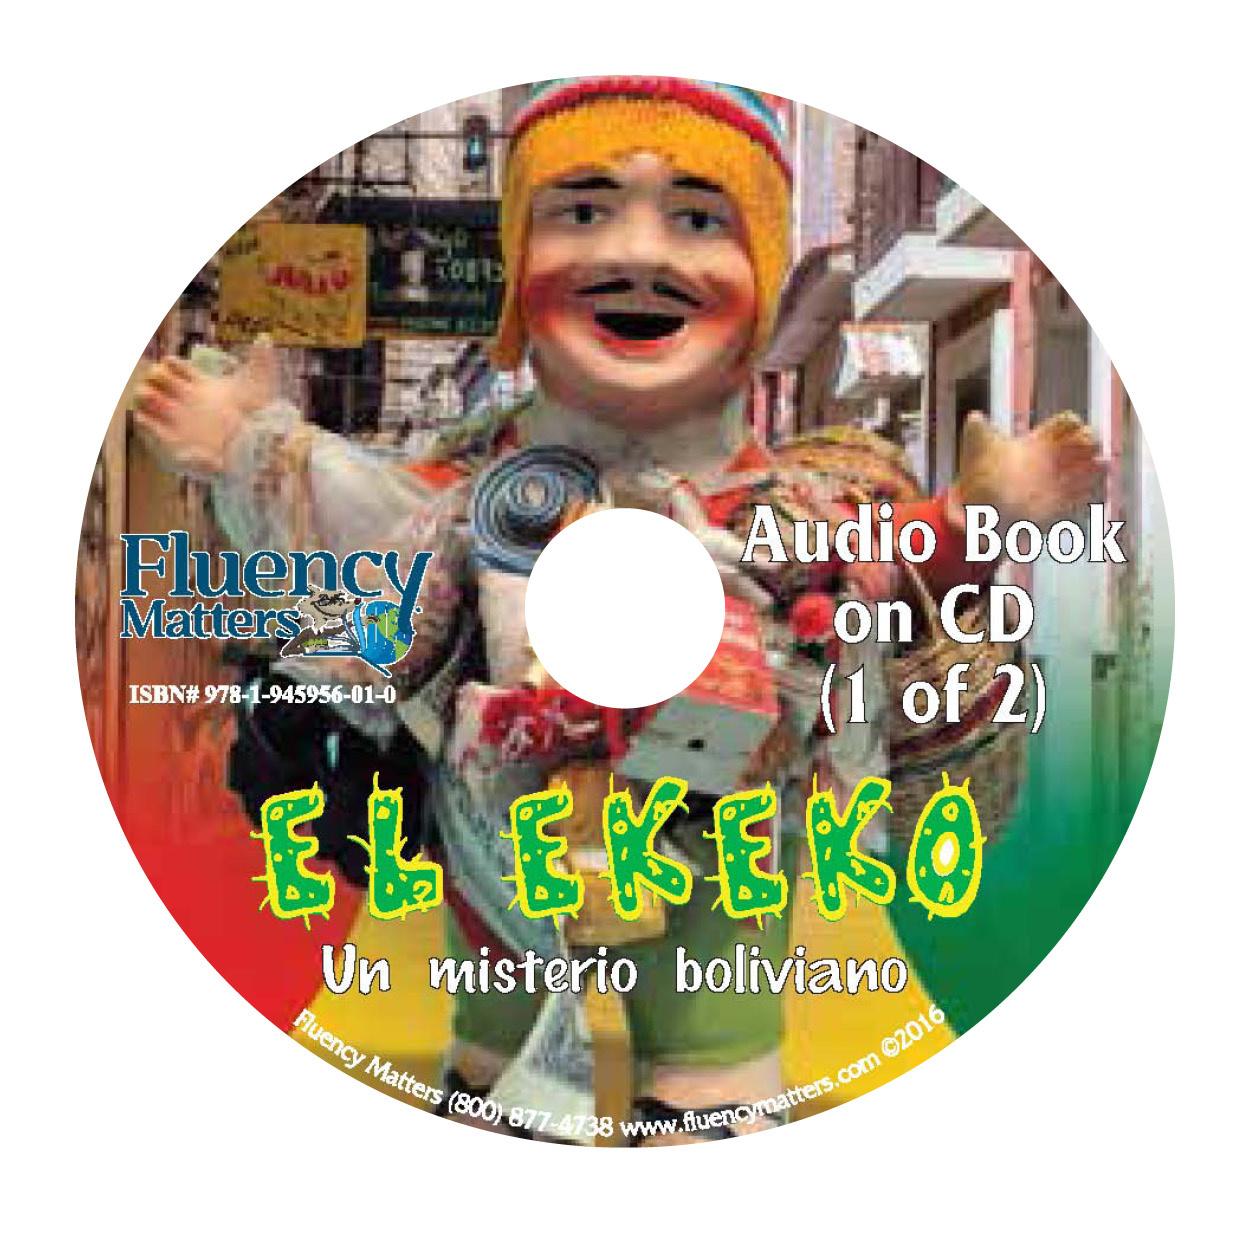 El Ekeko - Audiobook